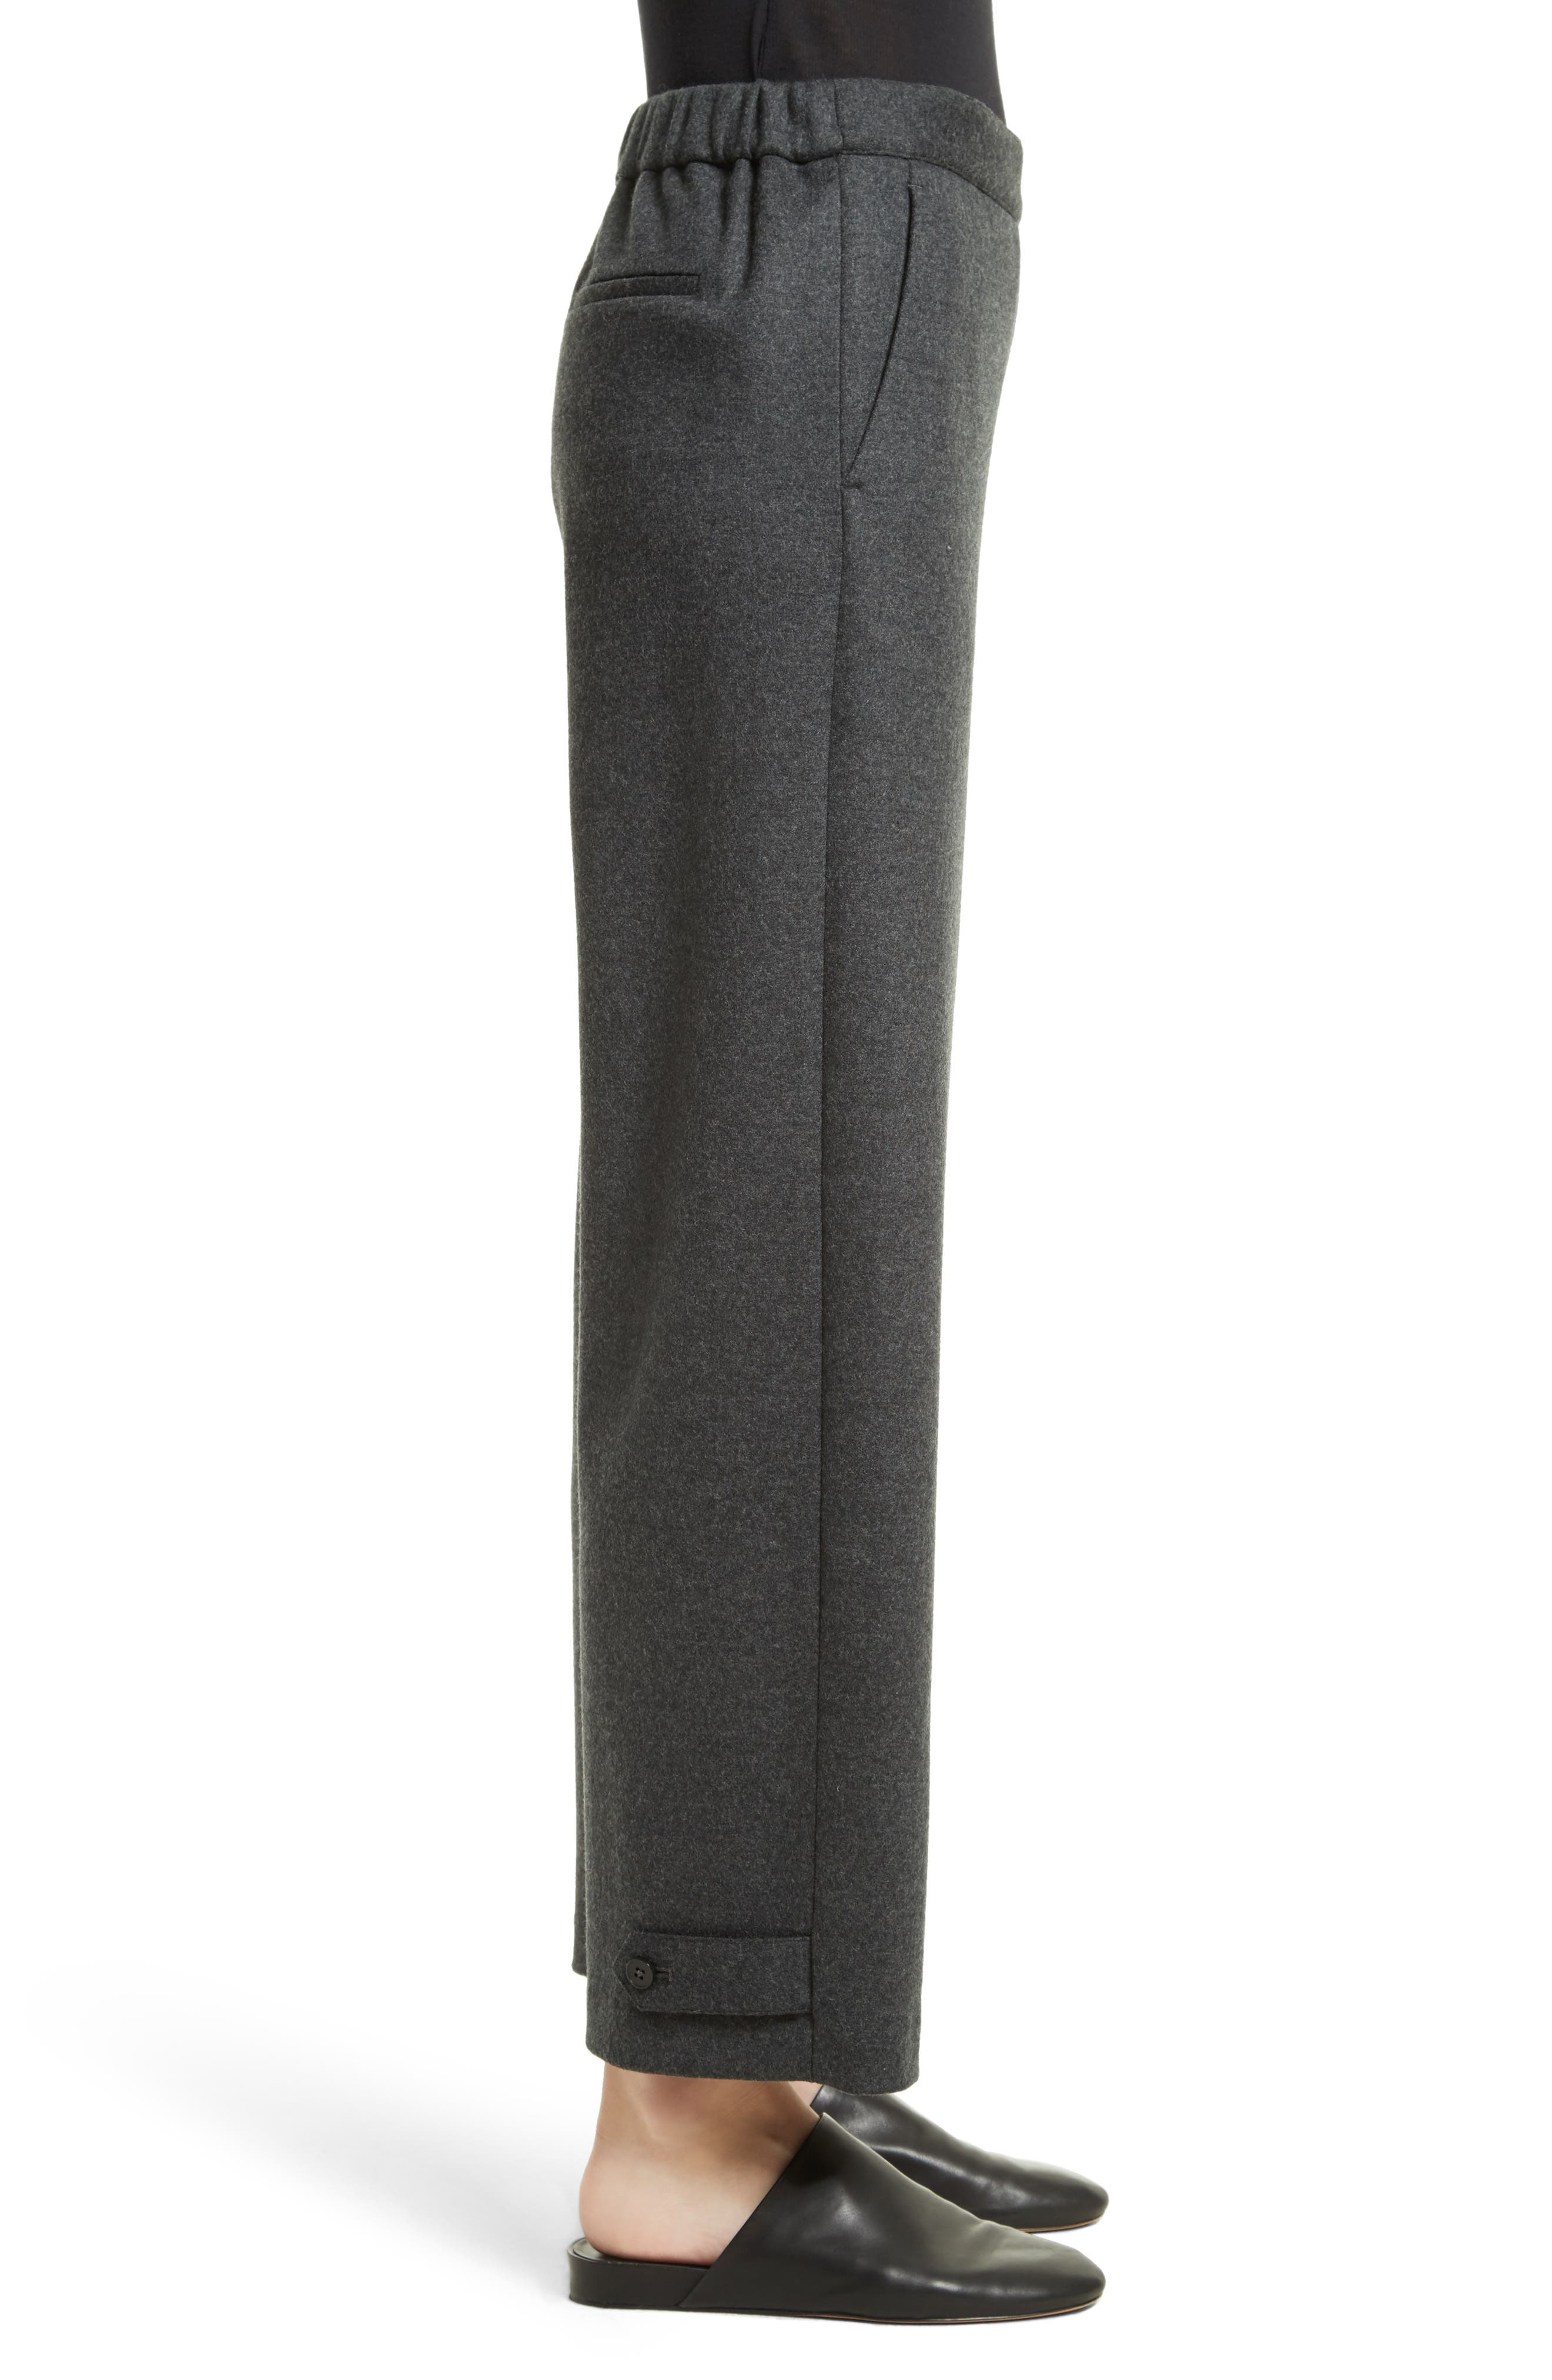 Genie Flannel Knit Pants,                             Alternate thumbnail 3, color,                             029